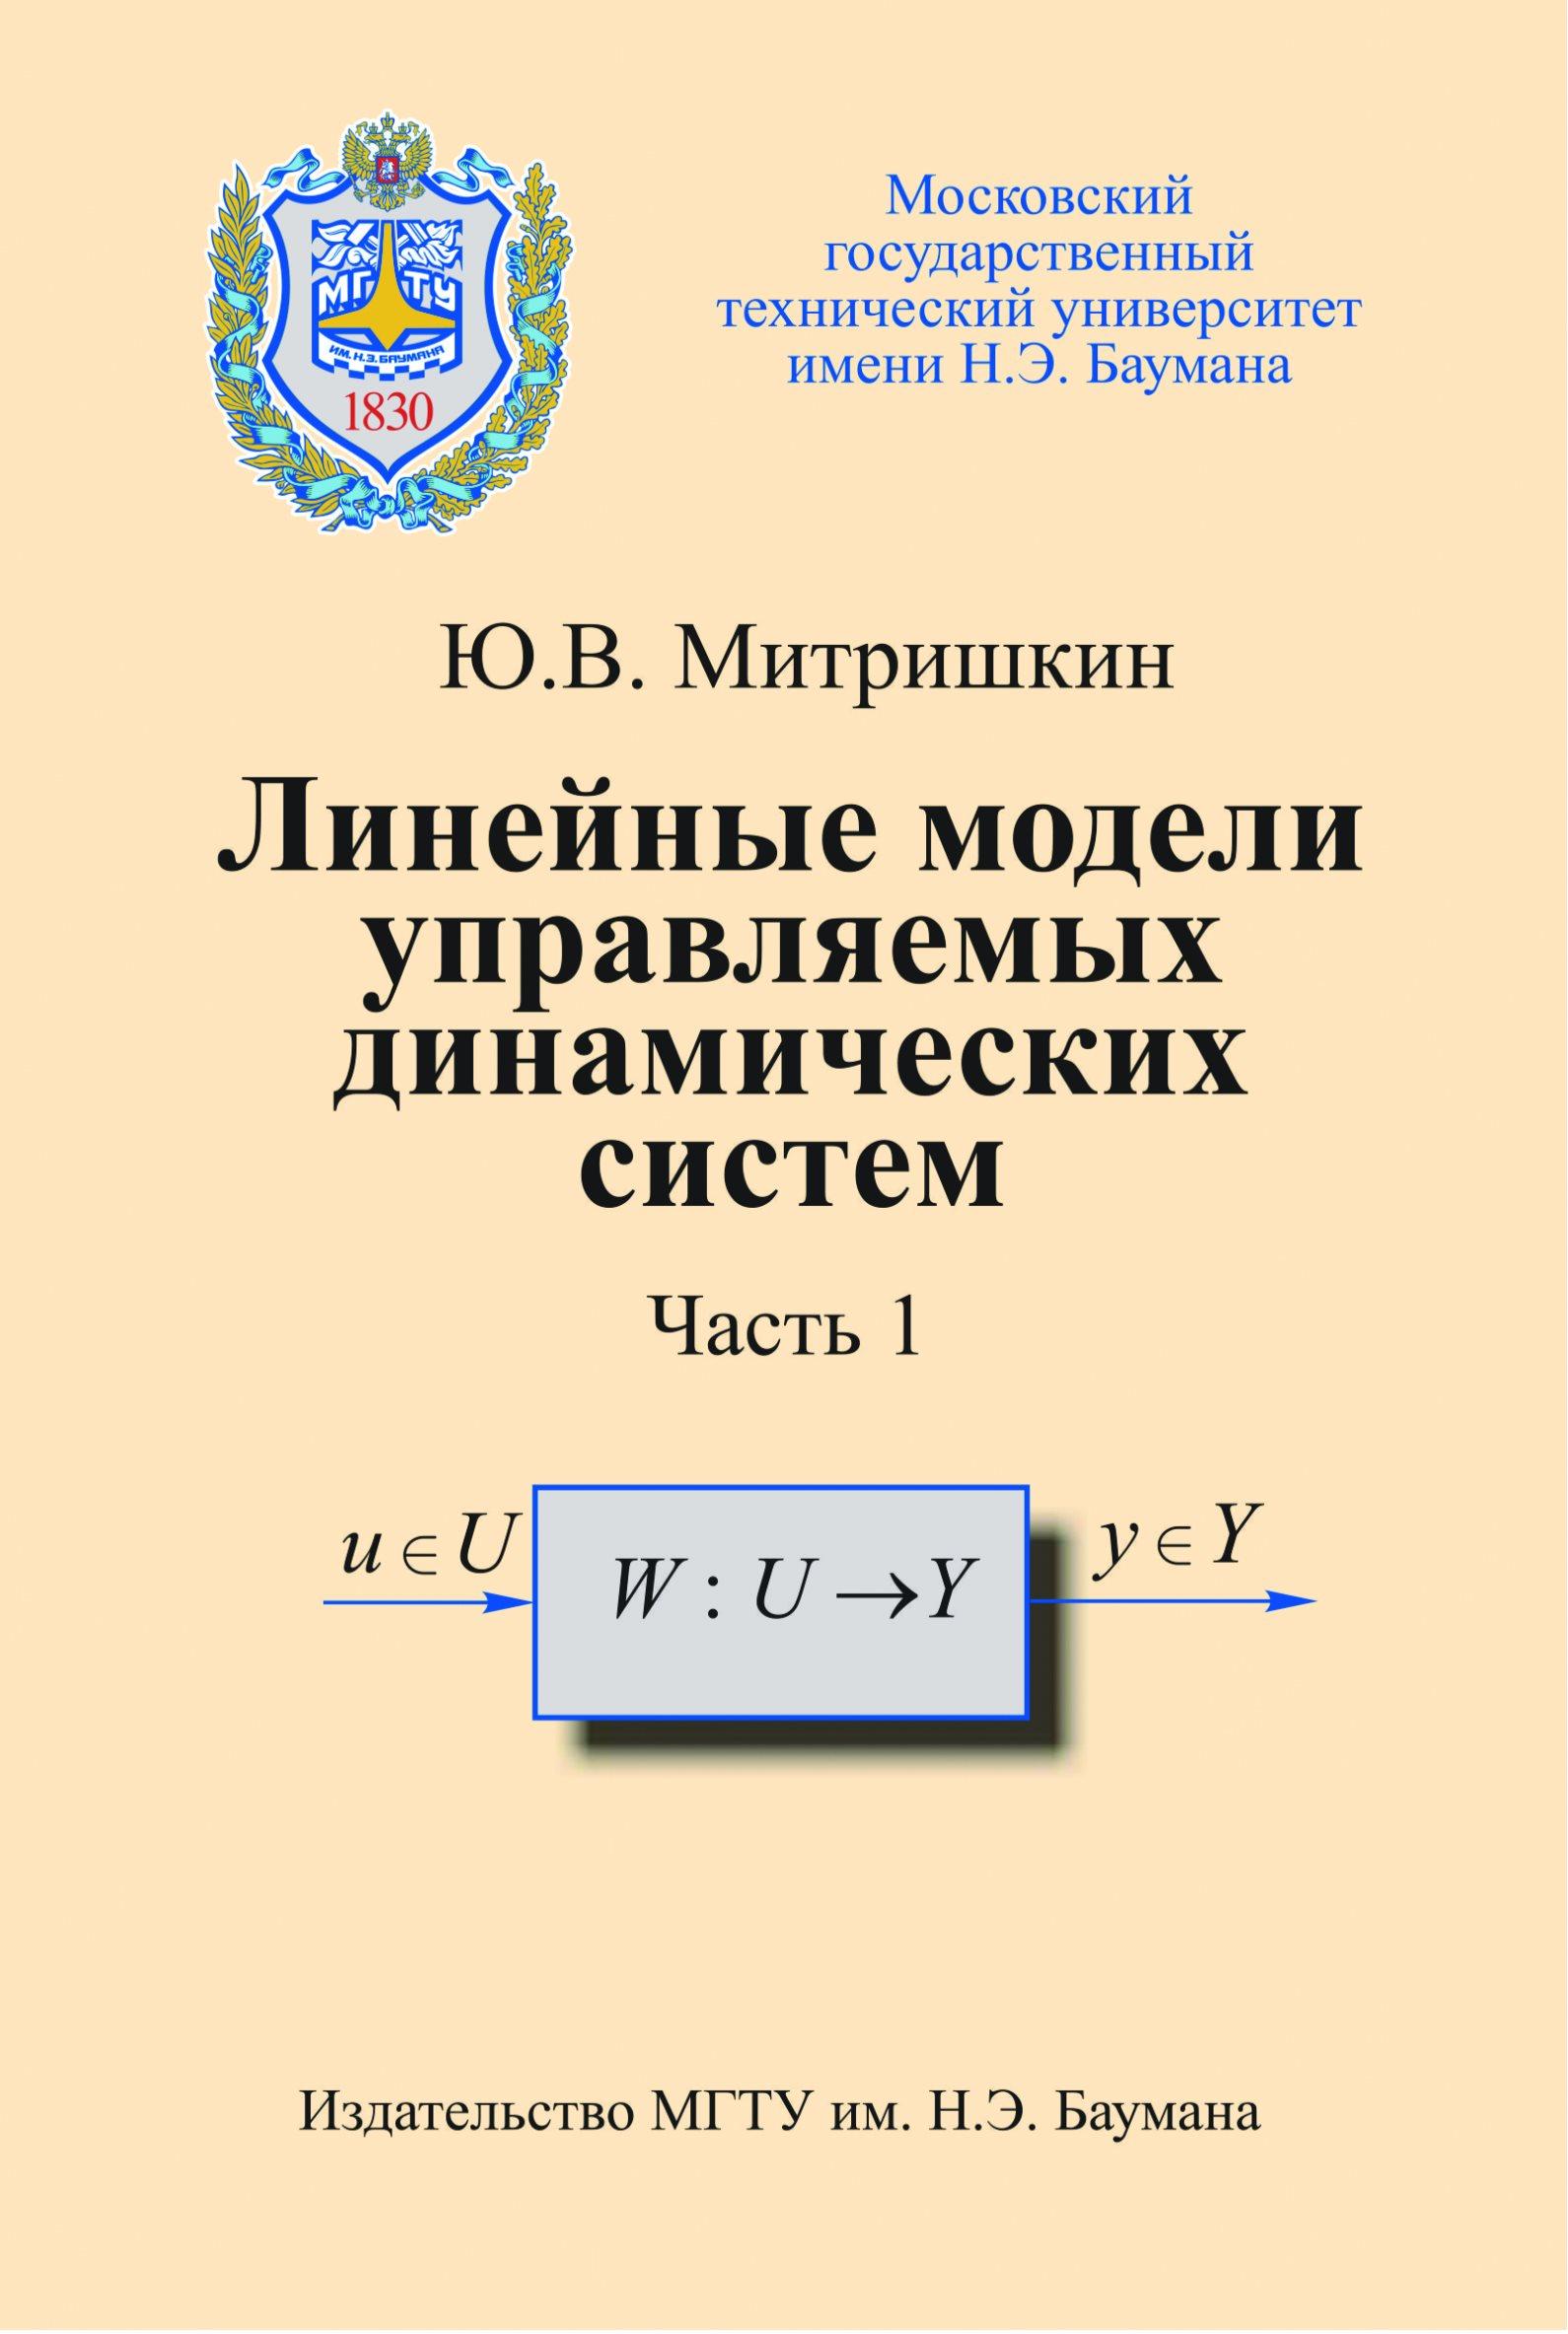 Юрий Митришкин Линейные модели управляемых динамических систем. Часть 1 антон кутузов линейные ограниченные операторы часть 1